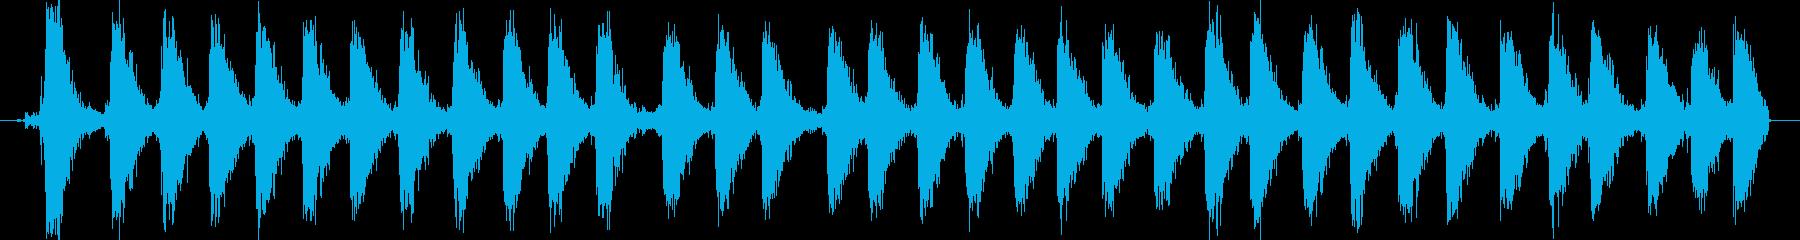 【銃声音016】マシンガンの音の再生済みの波形